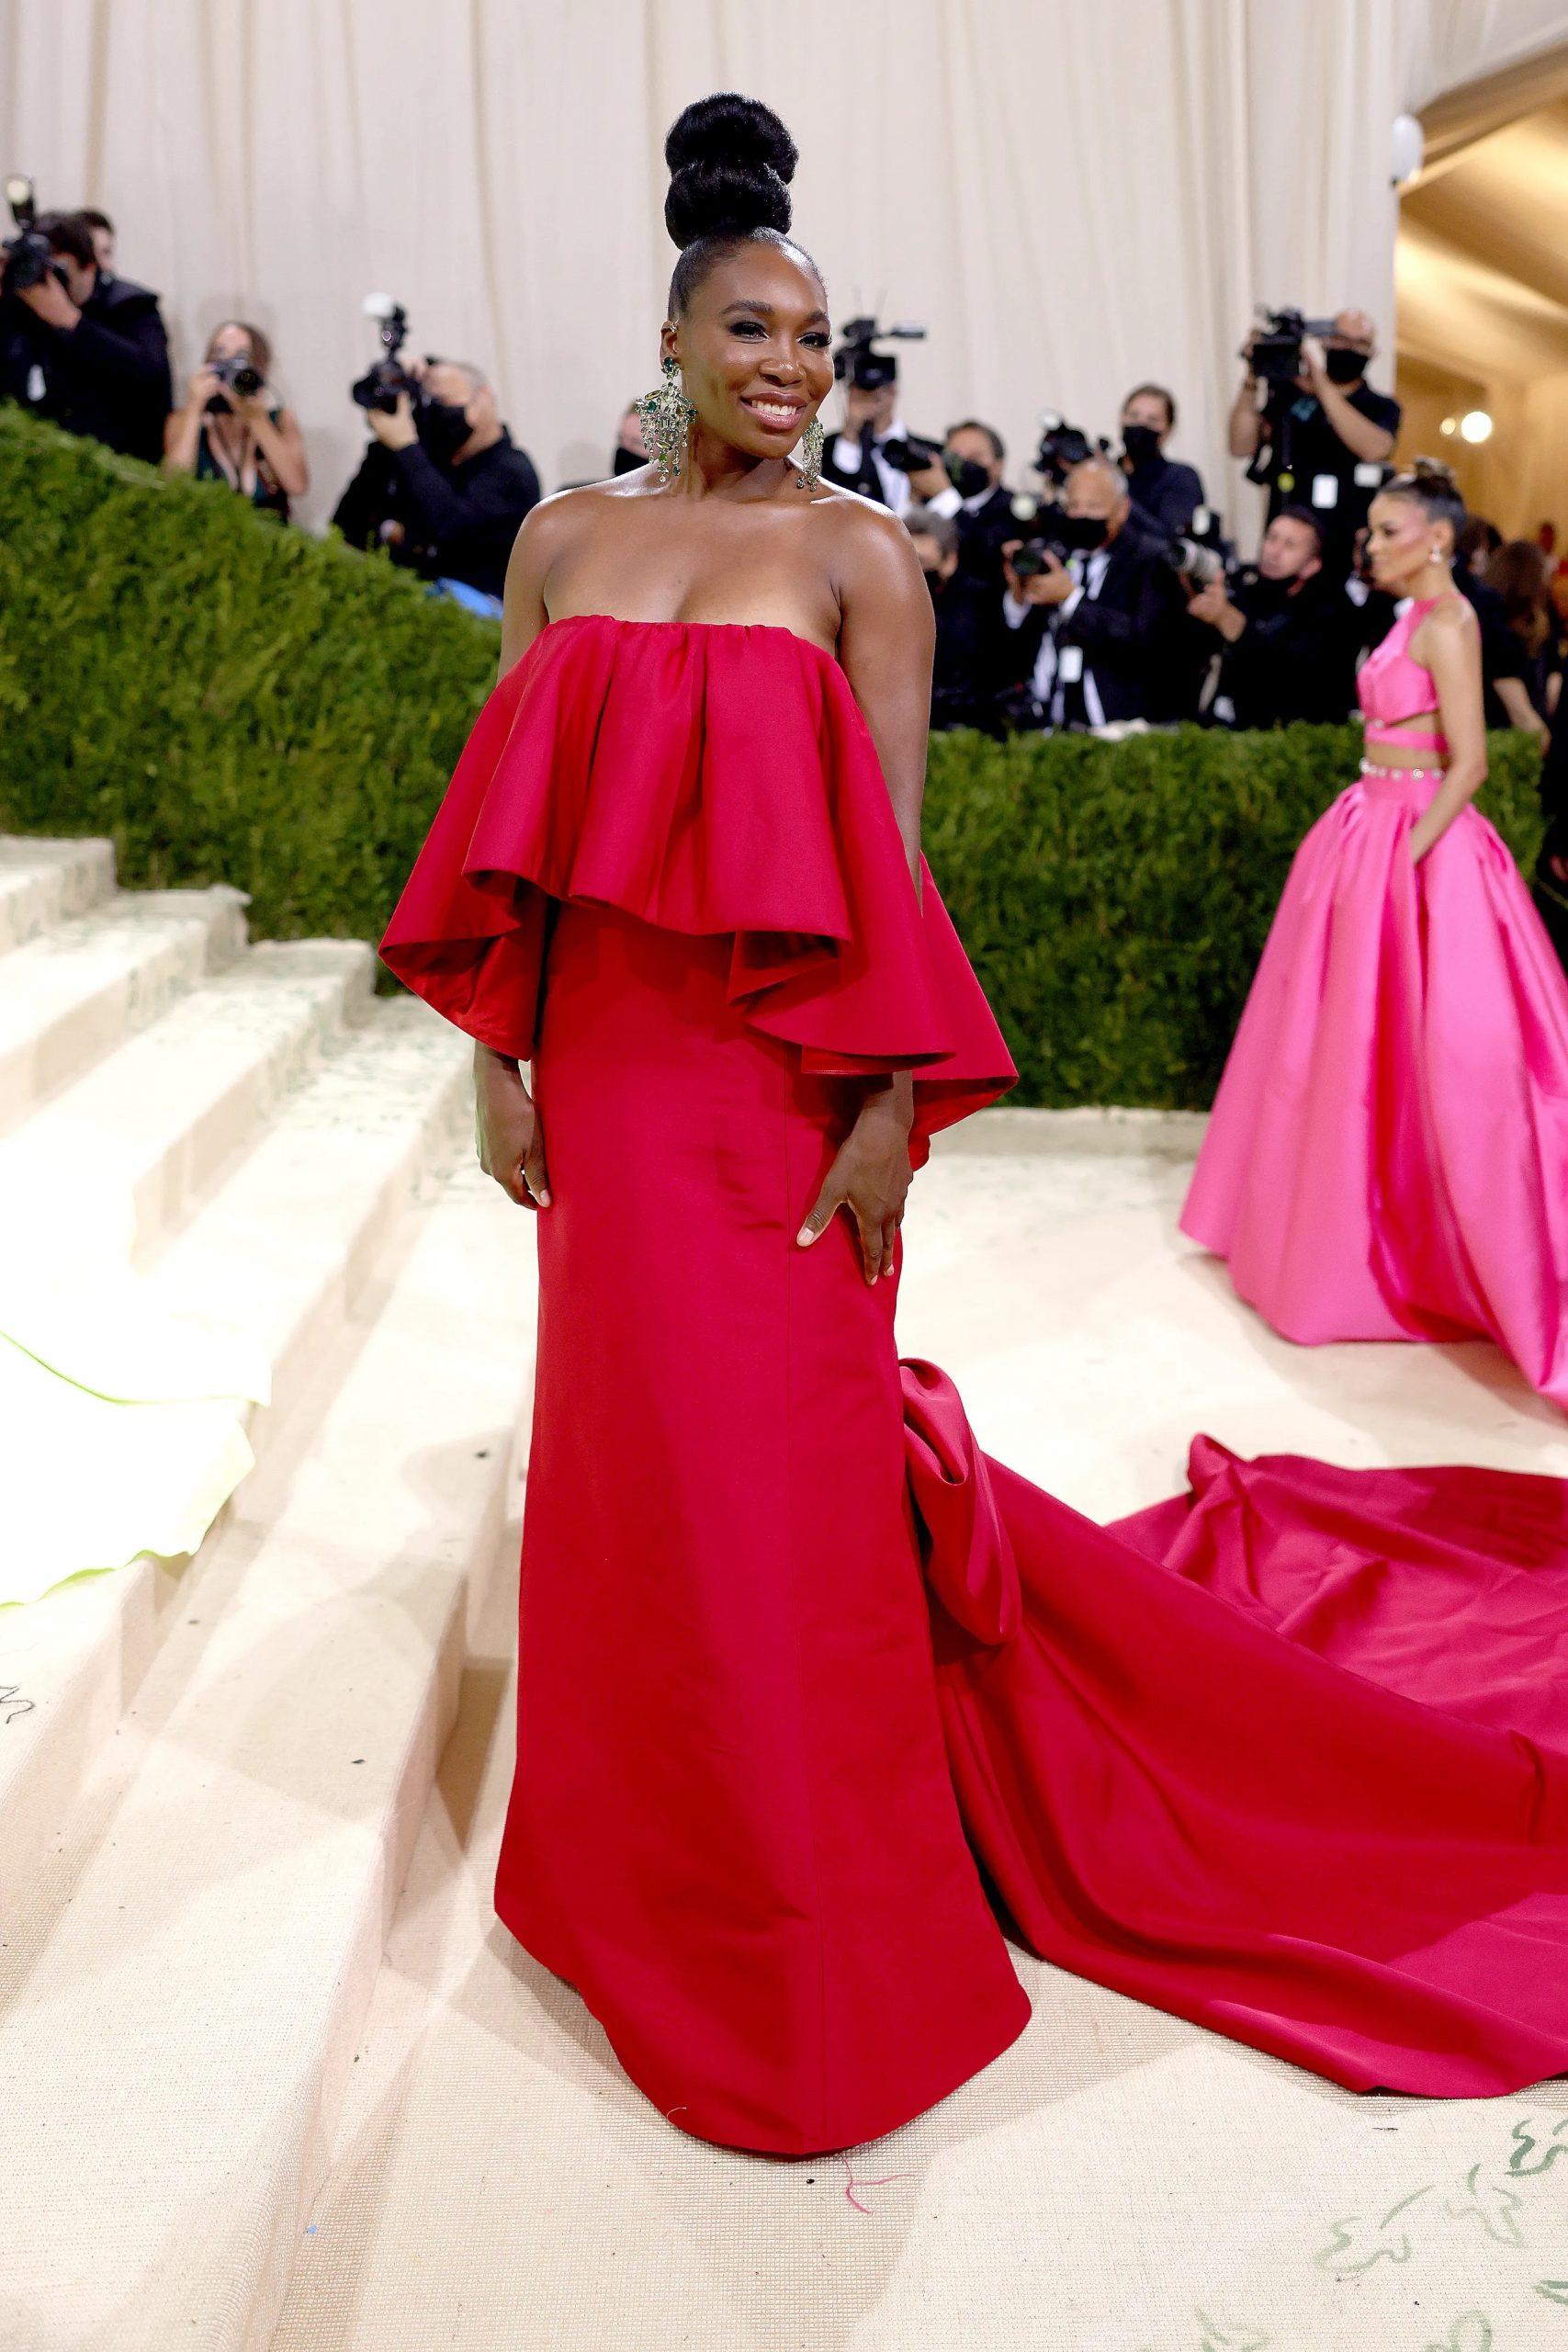 Venus Williams, MET GALA 2021, Los vestidos más cool y originales de la MET GALA 2021 - Wedding Hub - 01